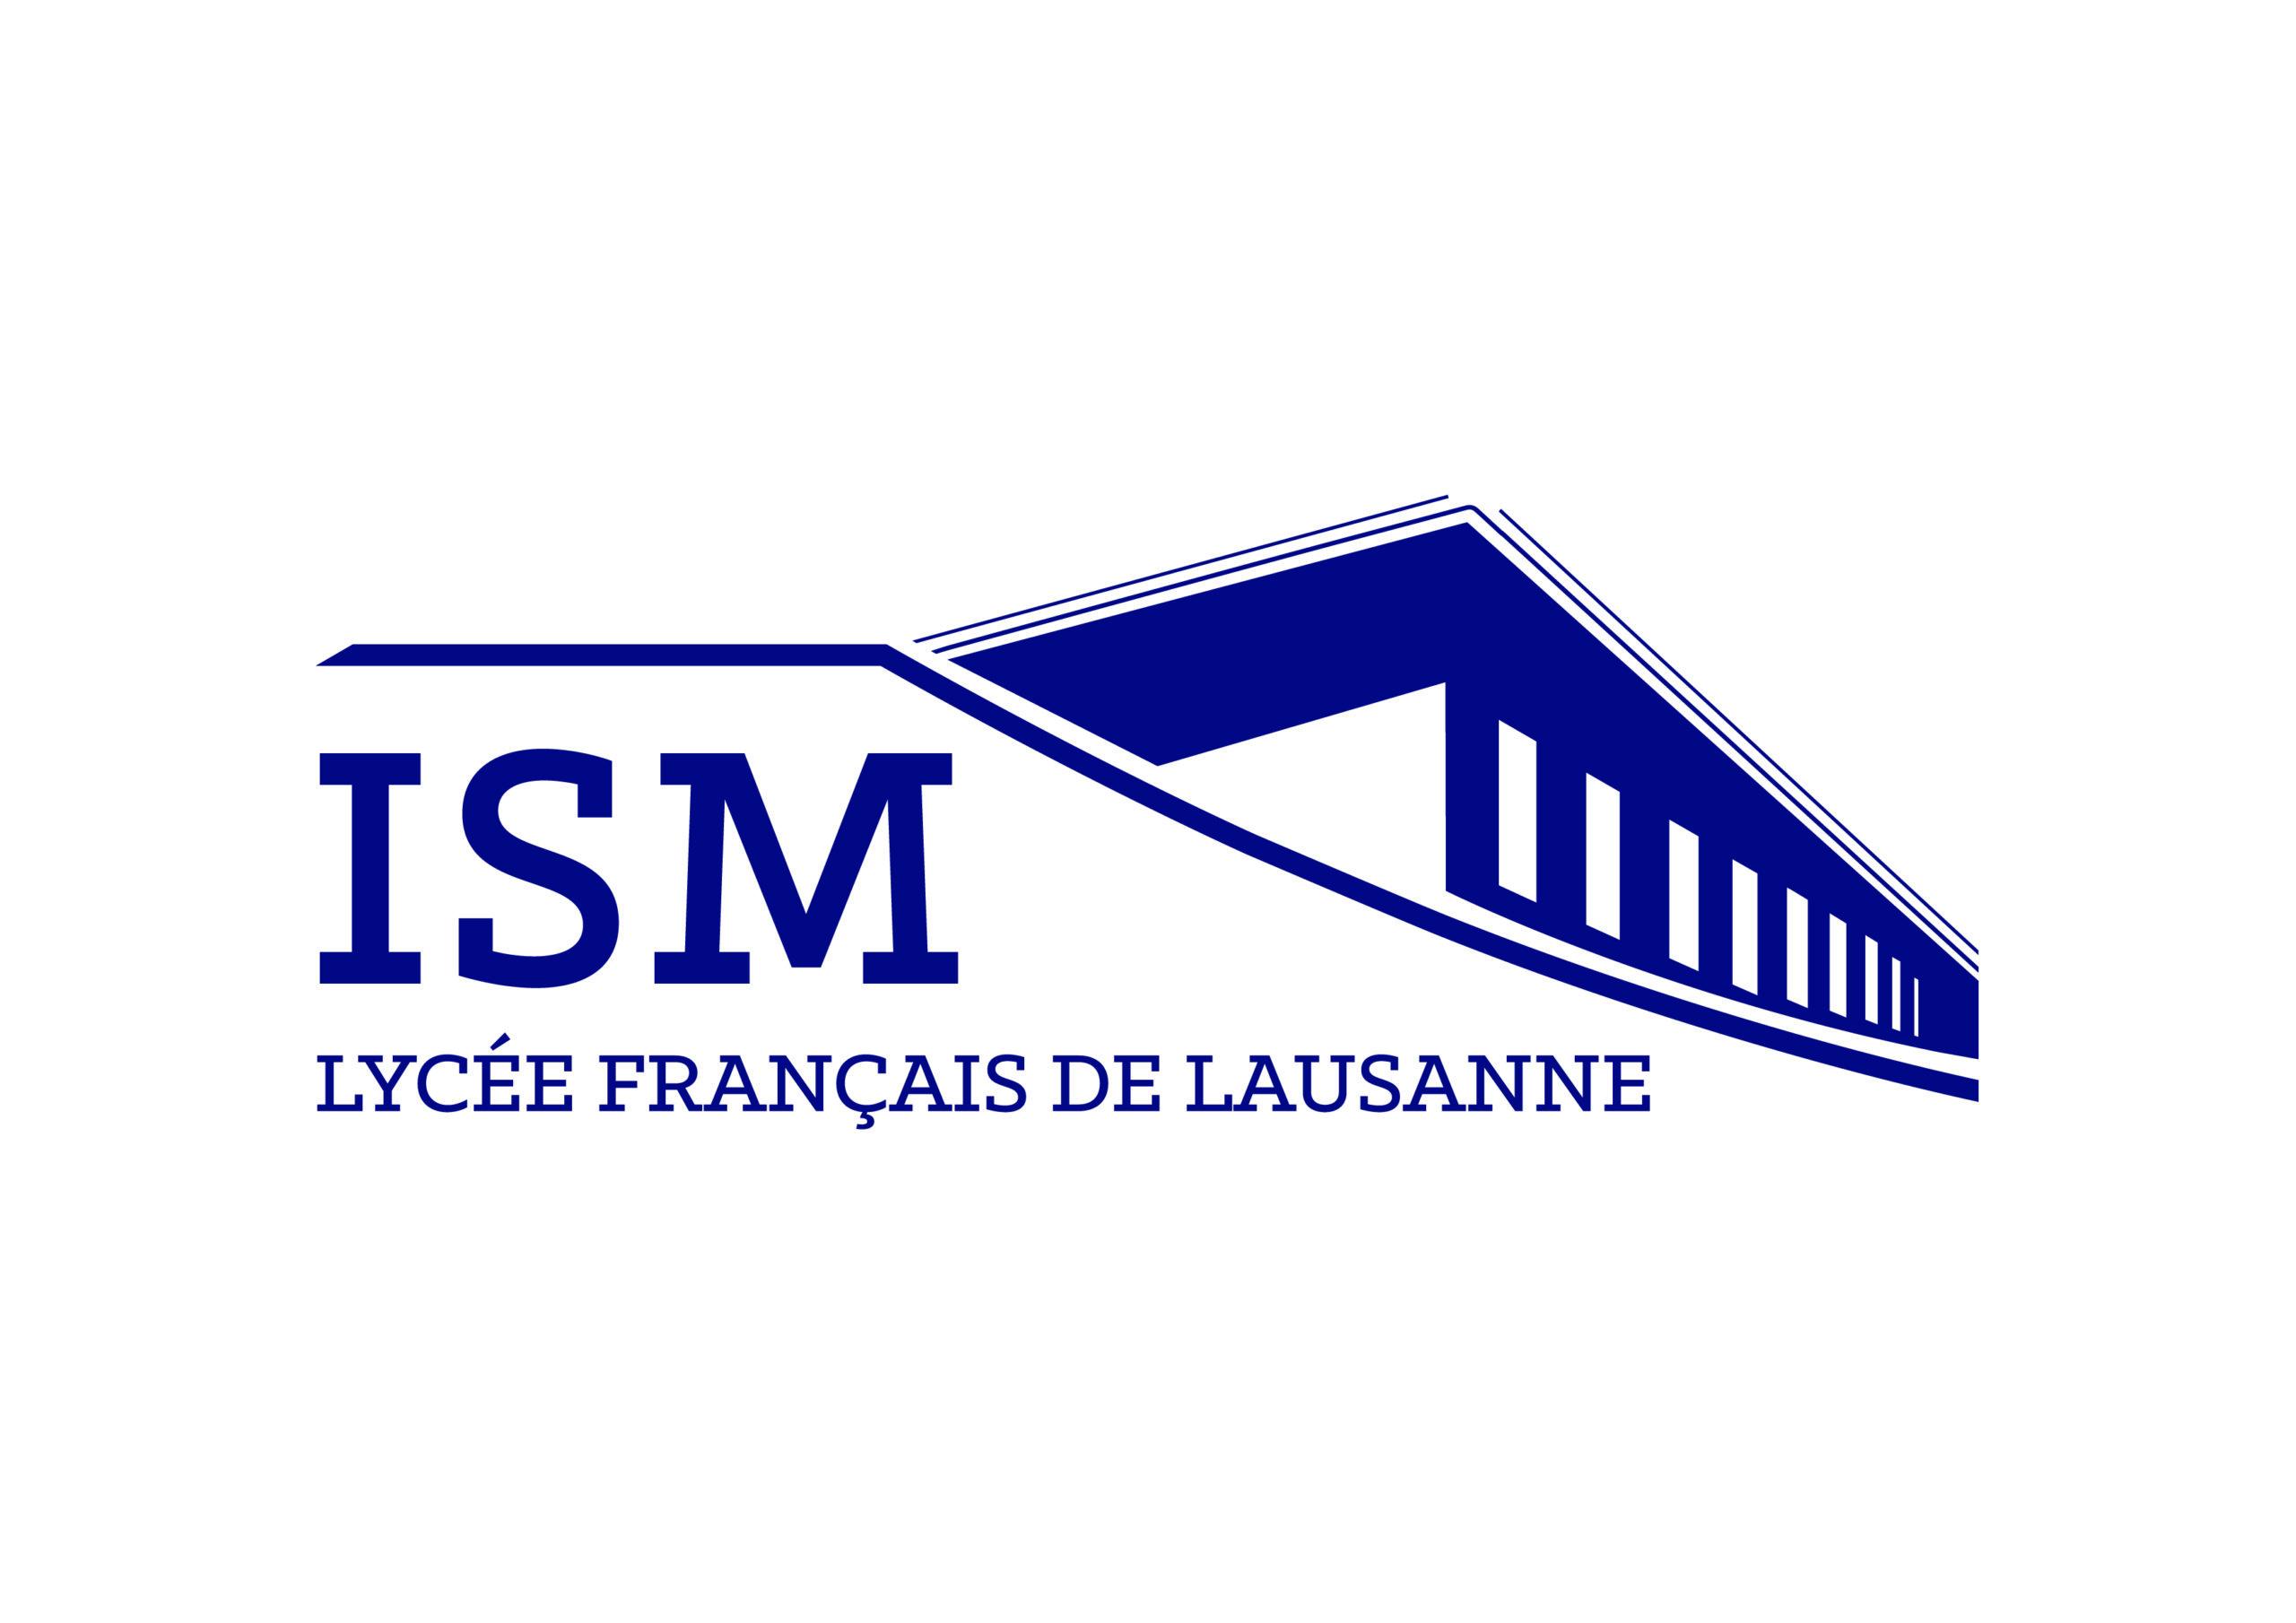 Lycee-francais-Sainte-Marcelline-Lausanne